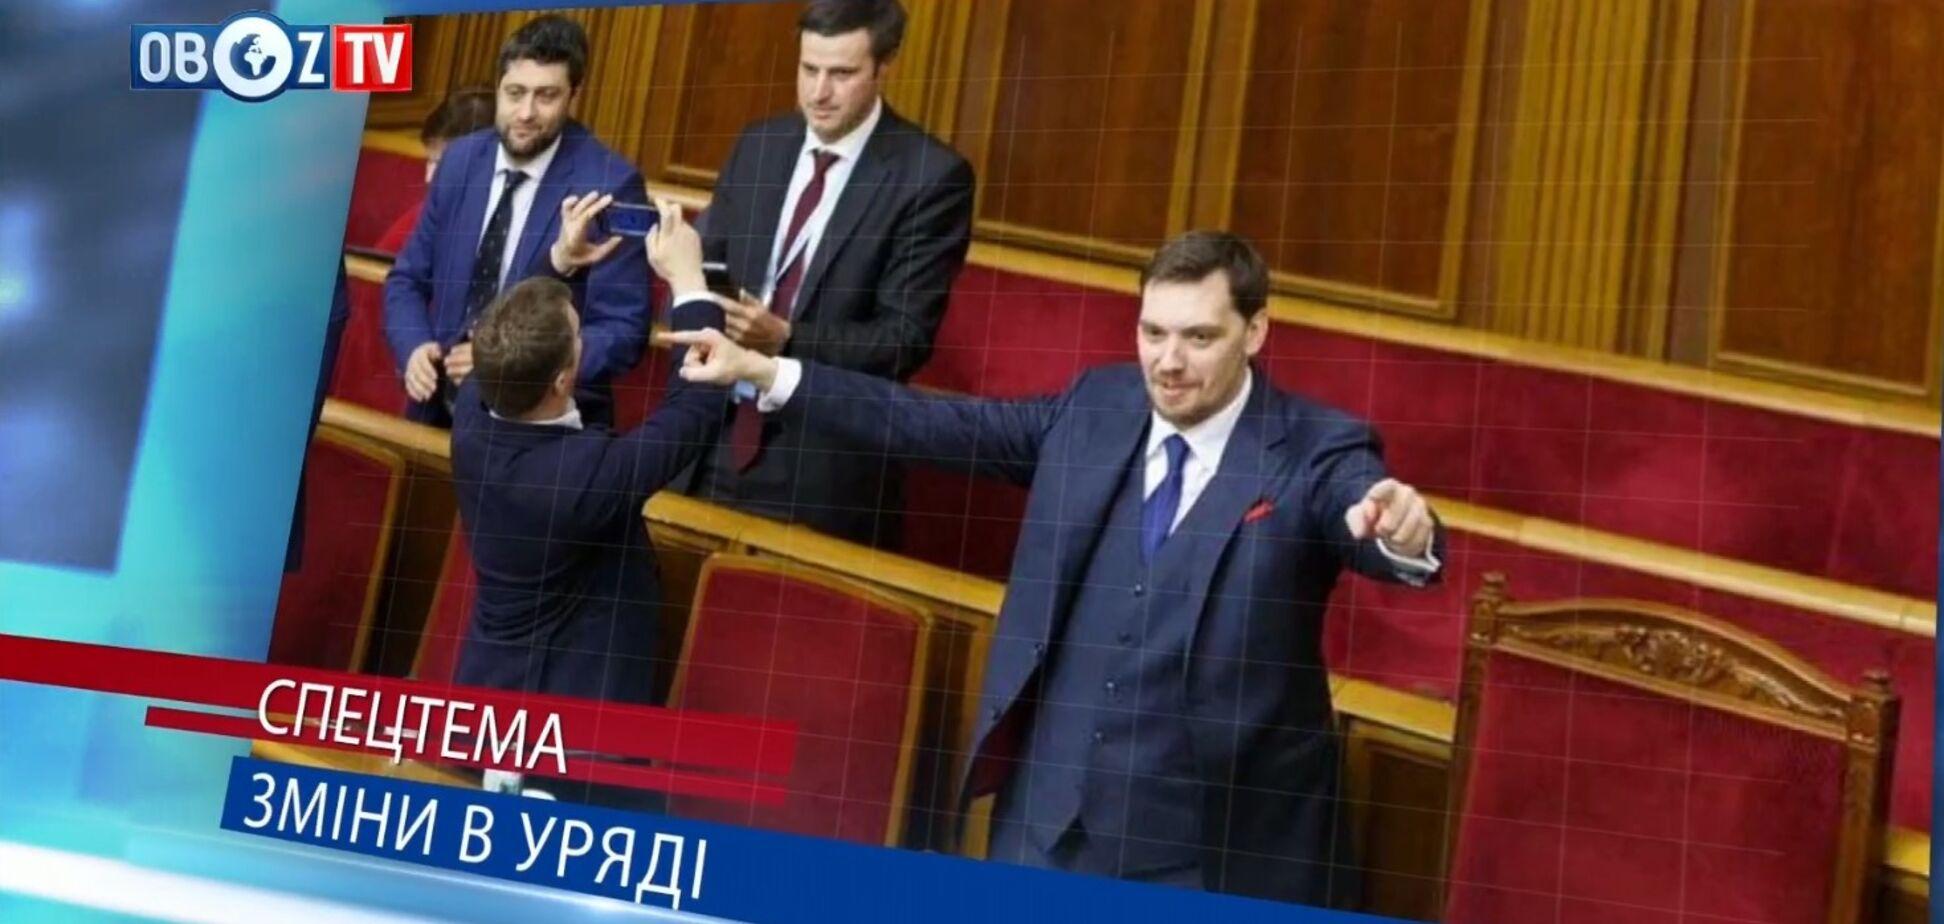 Зміни в уряді: скандальна заява Шмигаля про Крим